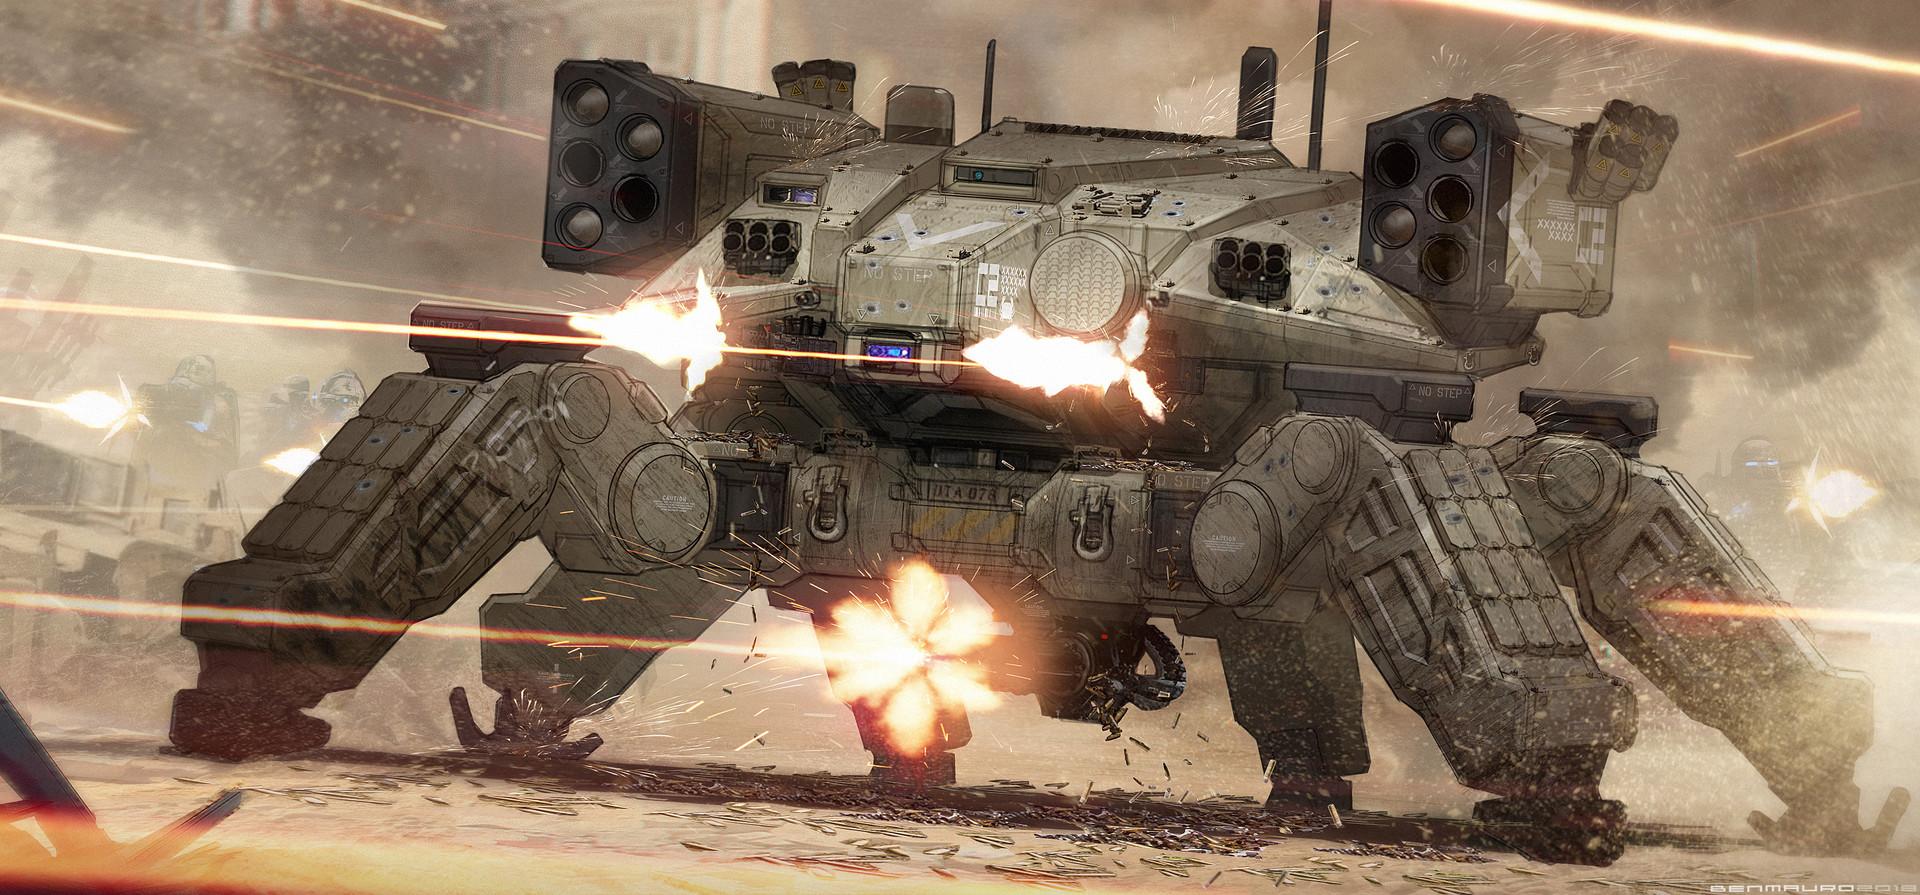 ben-mauro-crab-tank-braaaaaap-01-bm.jpg